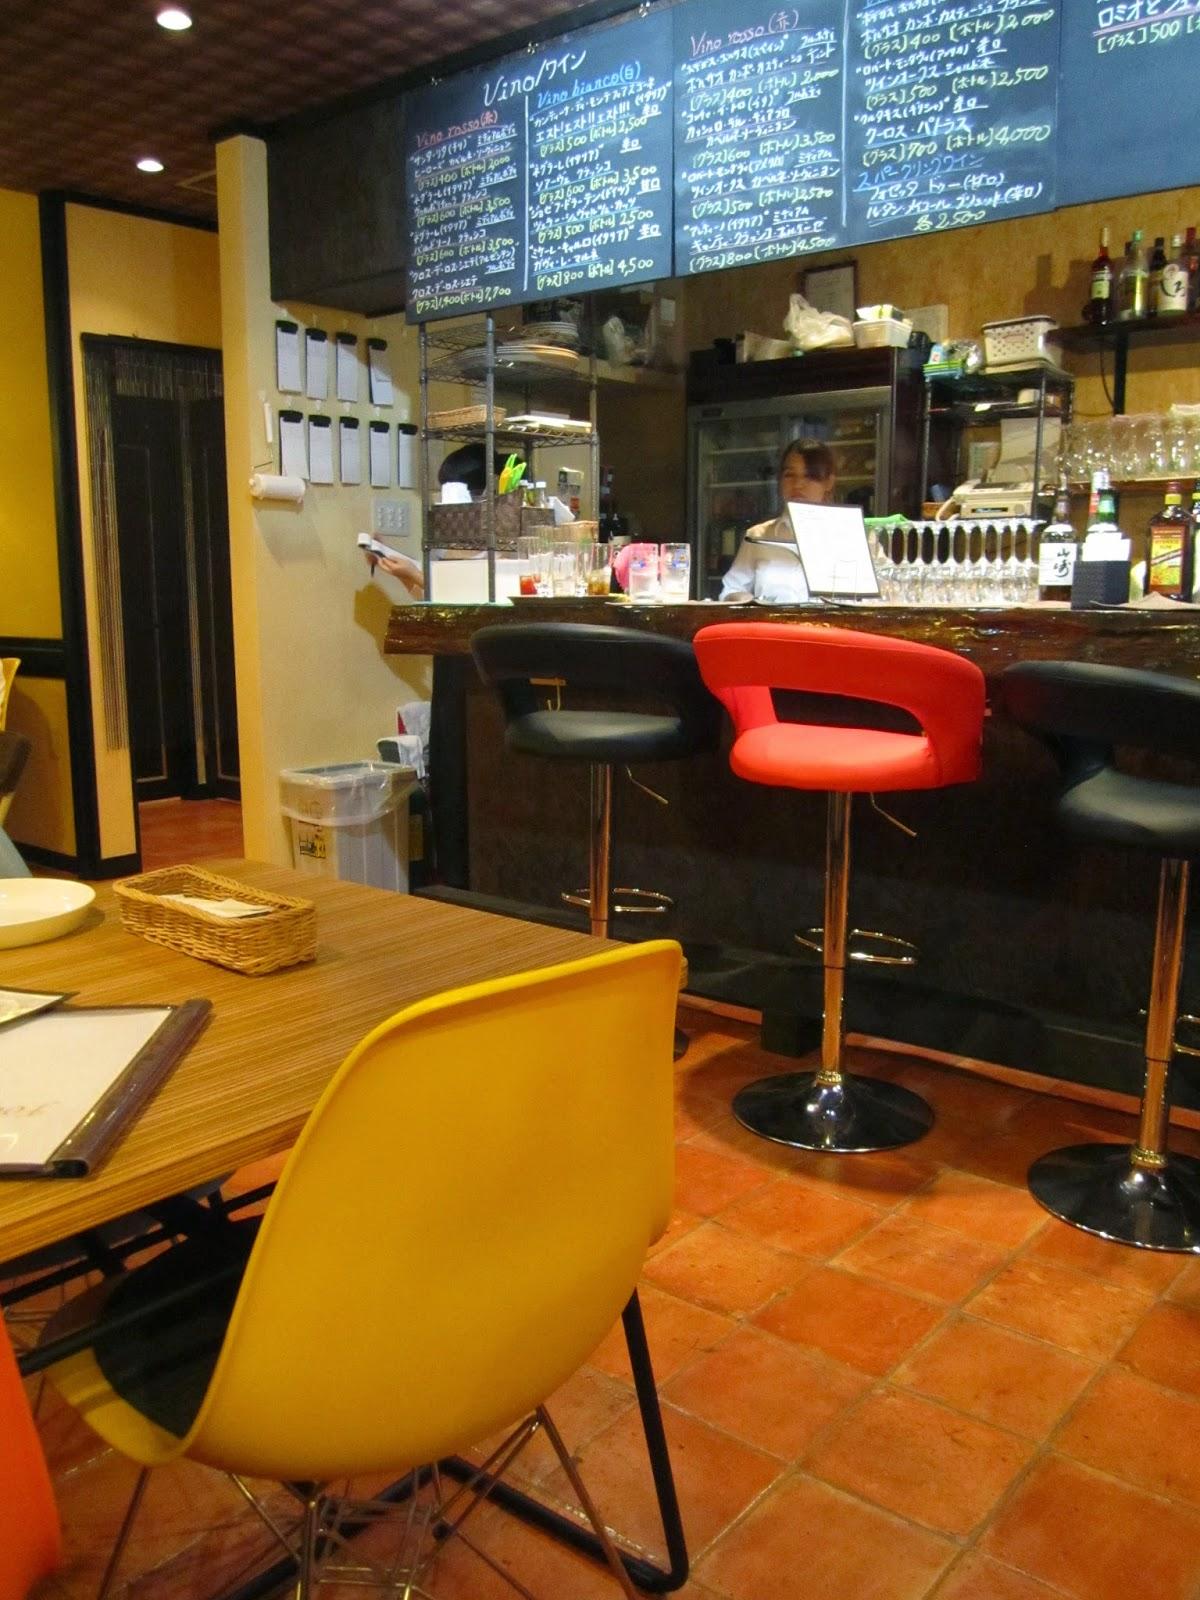 Sette Colore Towada Italian Bar セッテコローレ イタリアンバー 十和田市